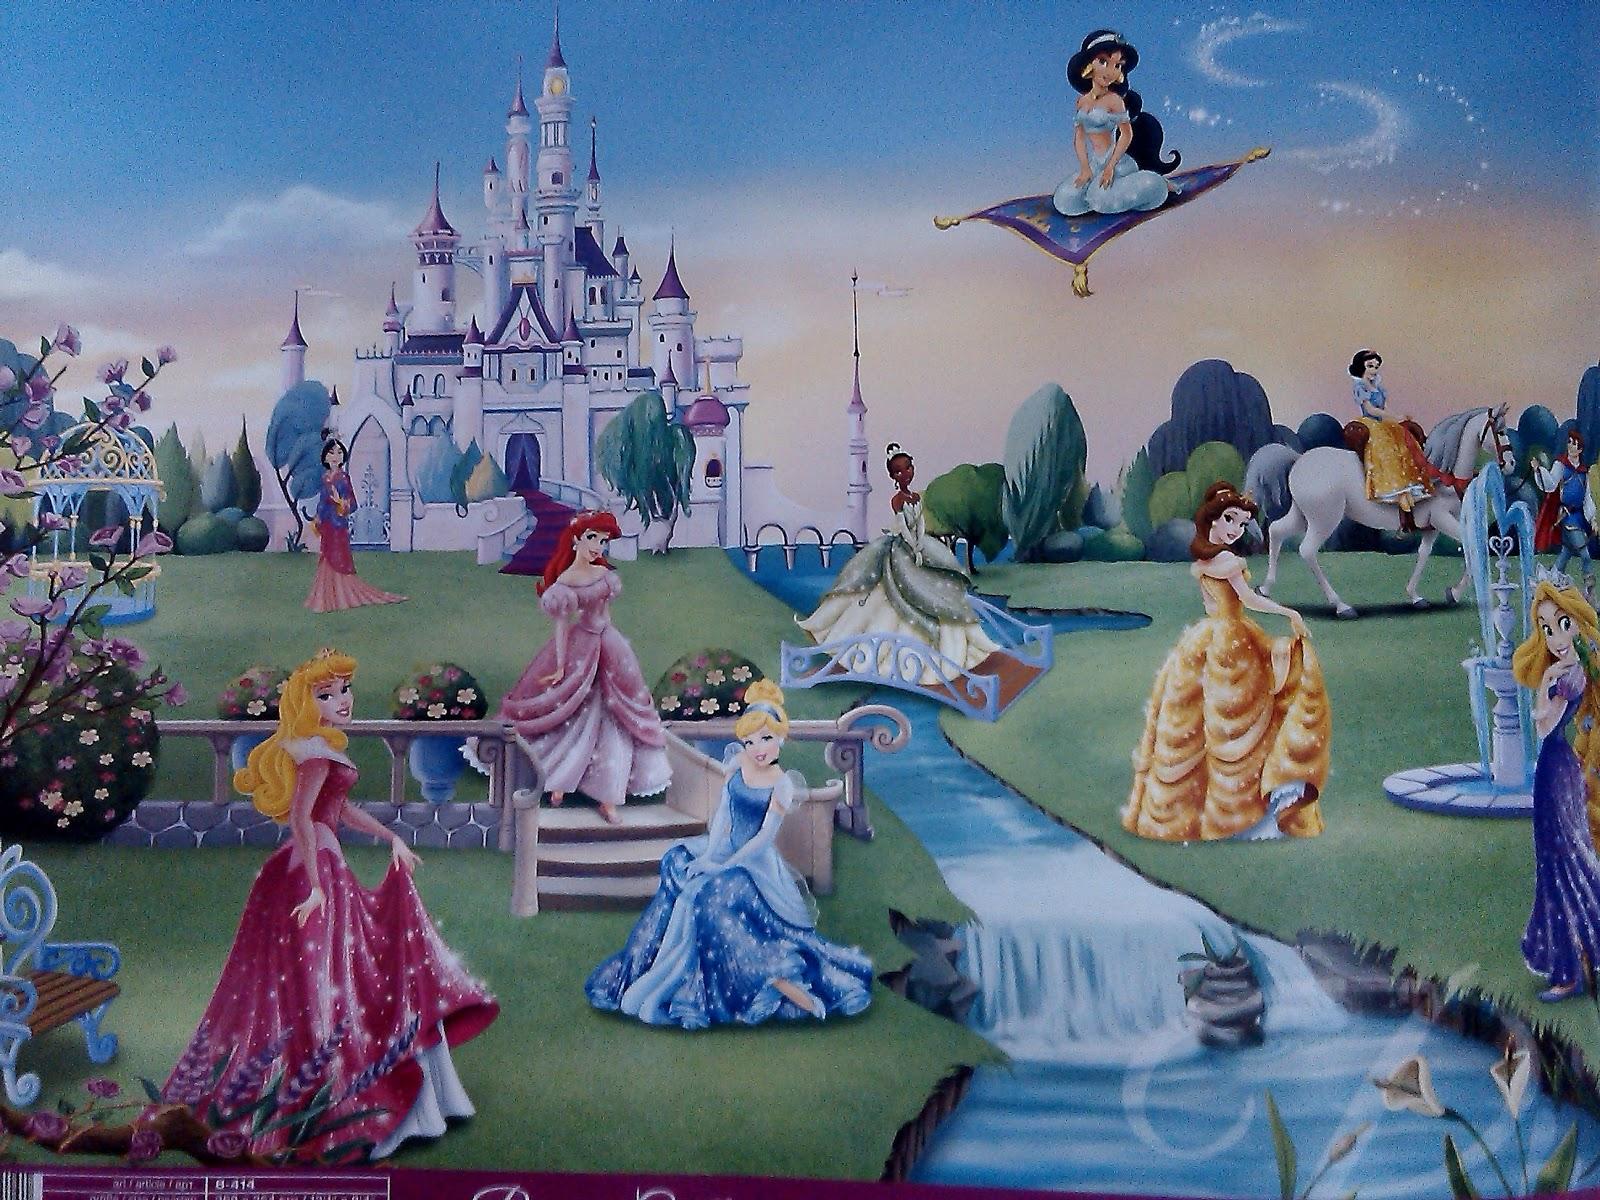 newest hd pics: 06 Nilai Cintamu Wallpaper   PicsWallpaper.com